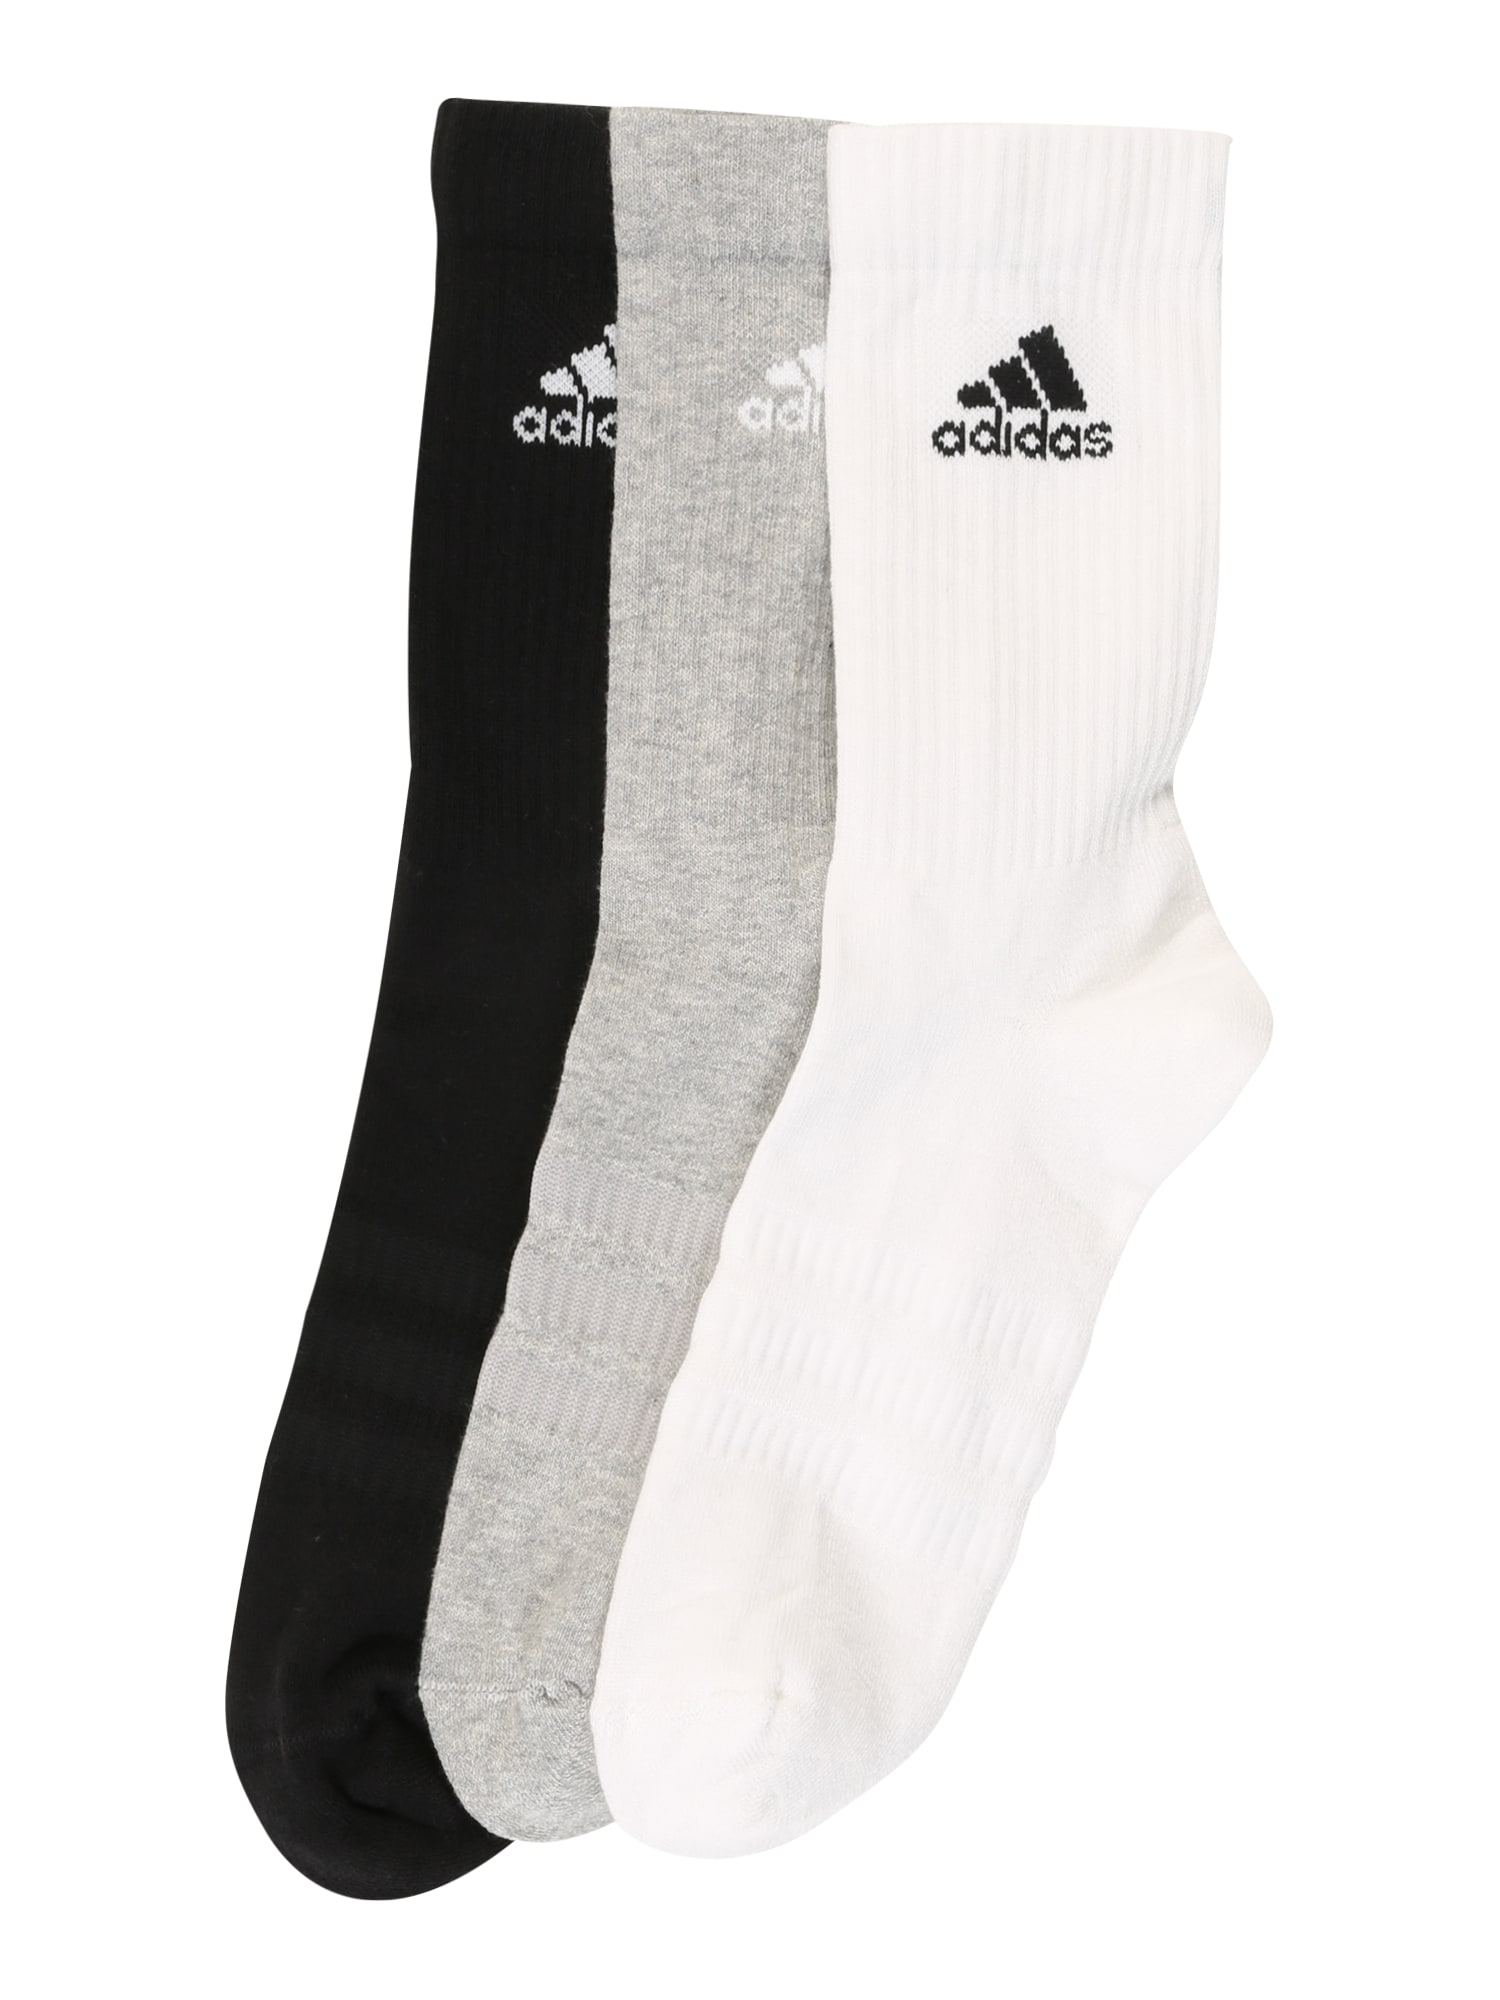 ADIDAS PERFORMANCE Sportinės kojinės 'CUSH CRW 3PP' pilka / juoda